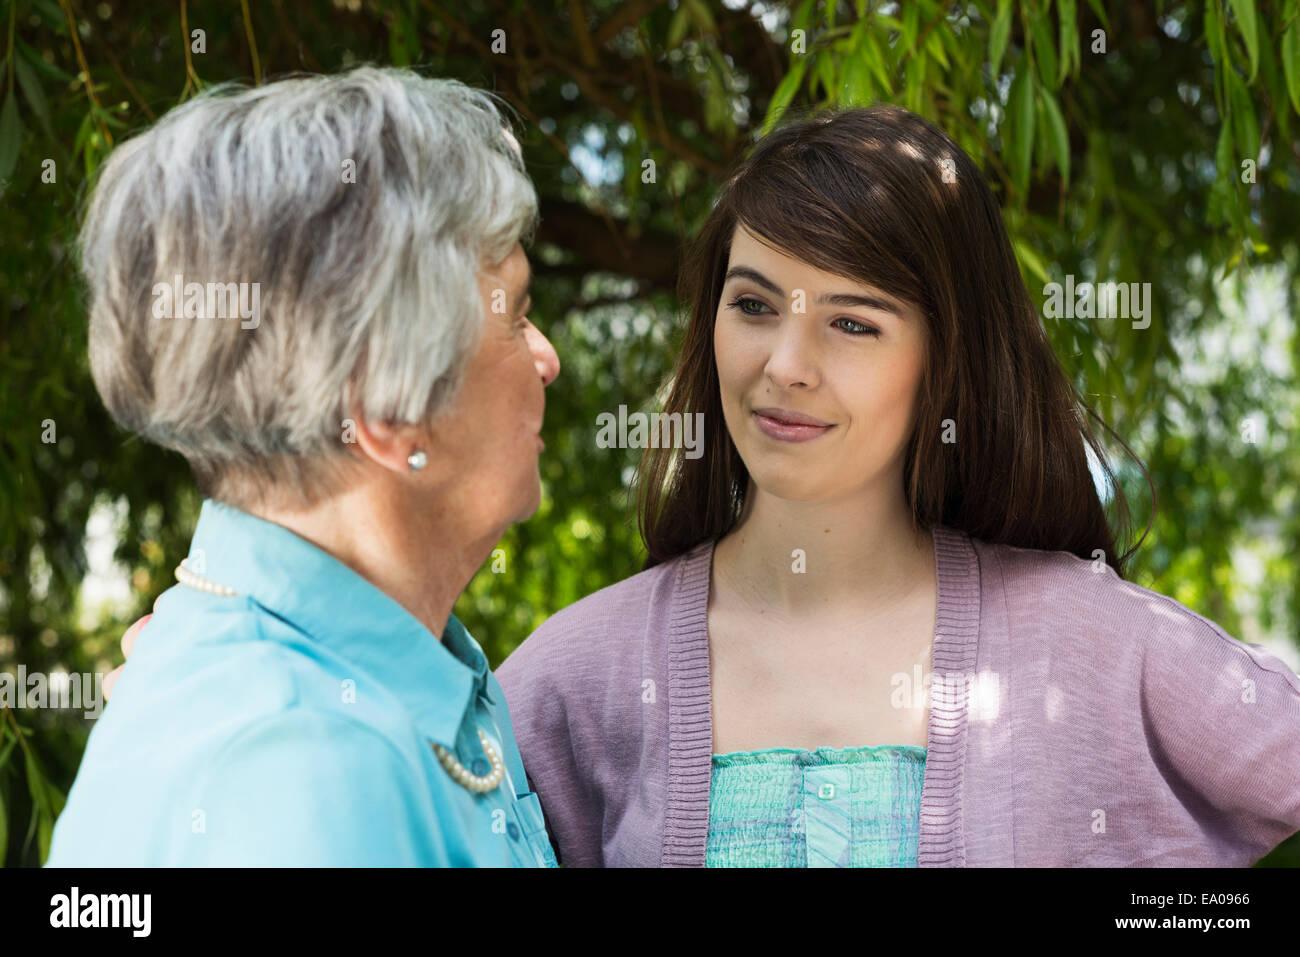 Nonna e nipote di conversazione in giardino Immagini Stock